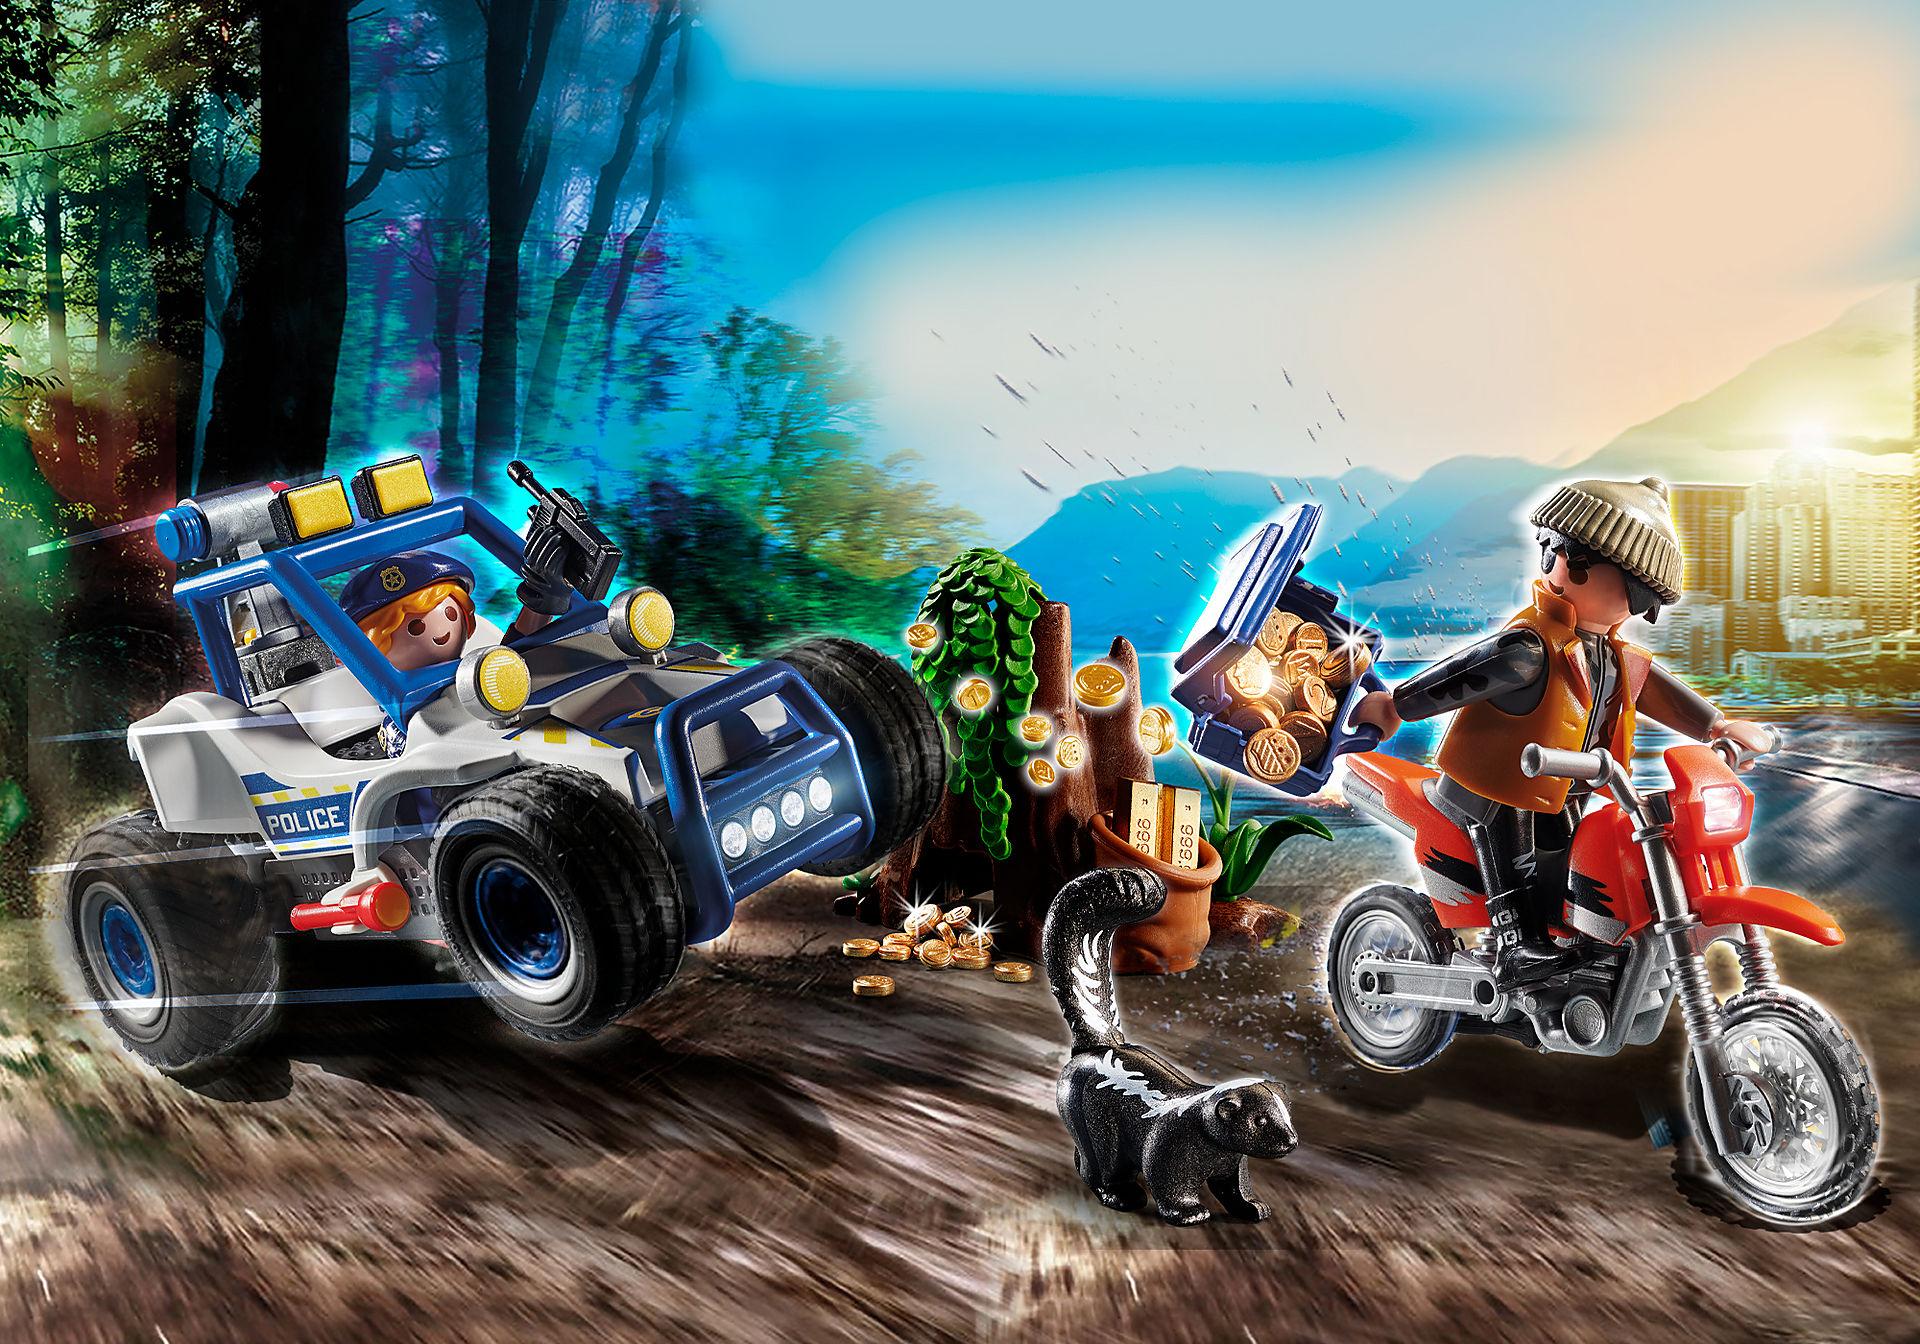 70570 Poliisin maastoauto: Aarteenryöstäjän takaa-ajo zoom image1